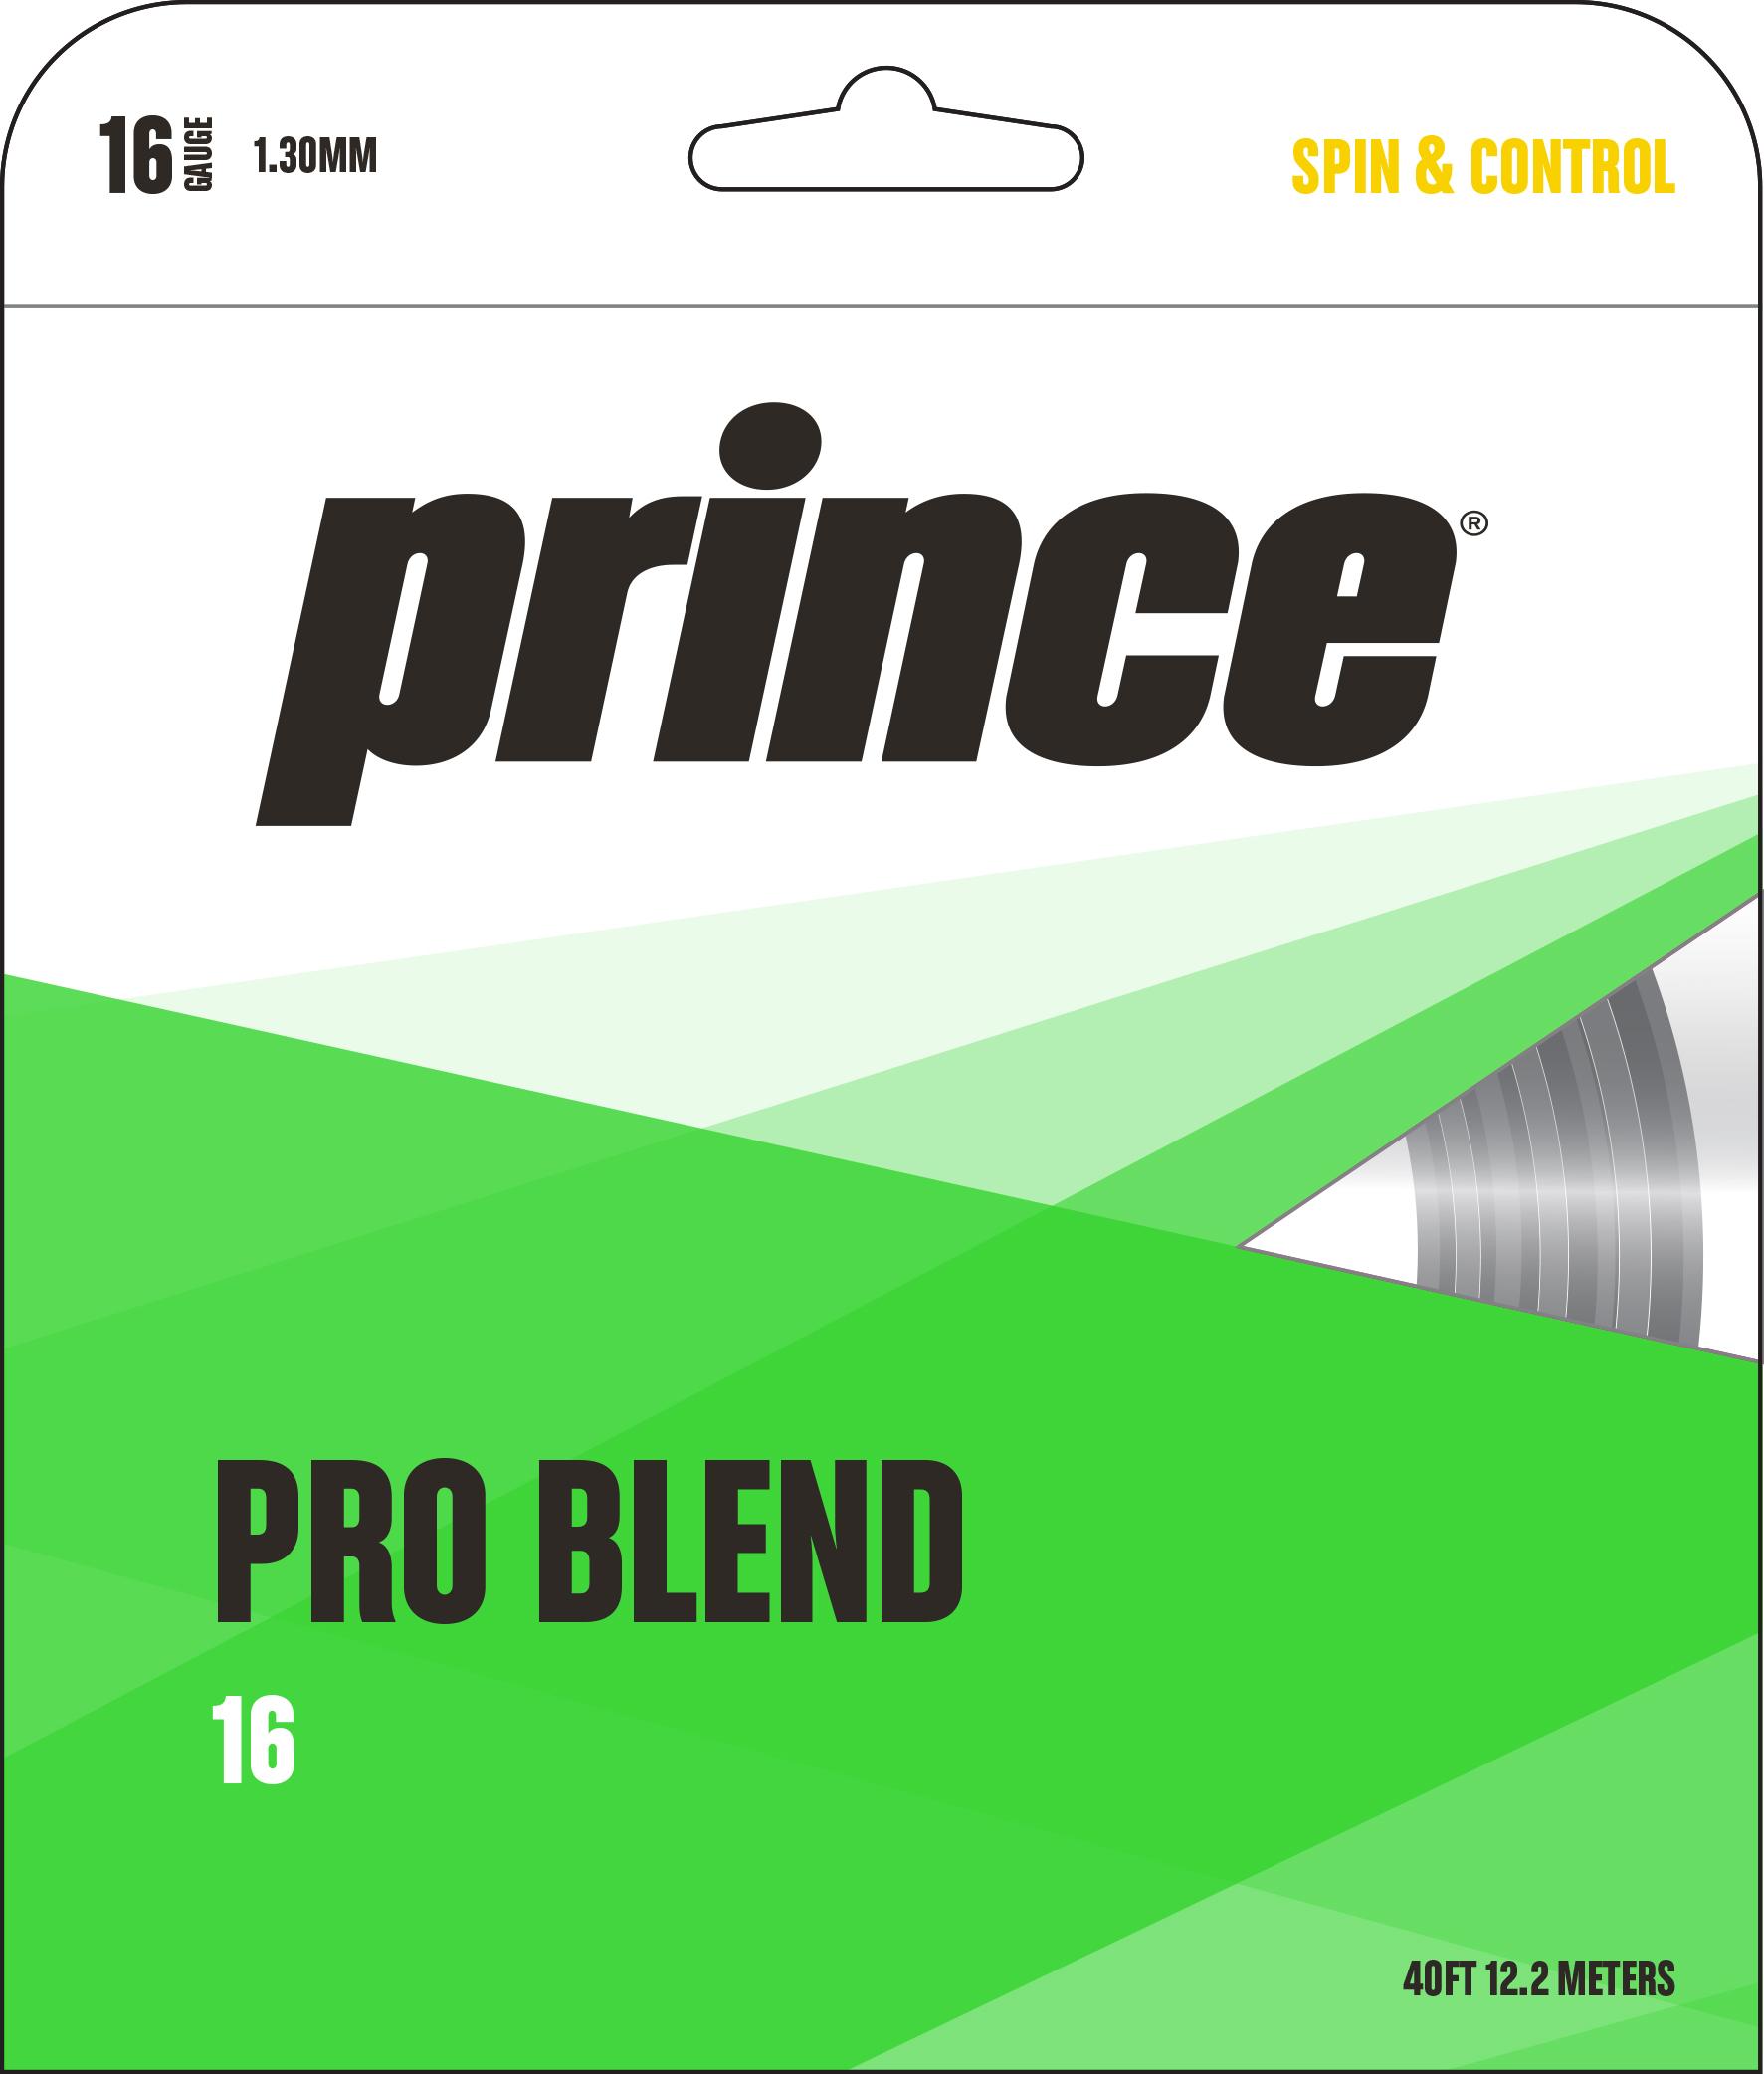 STRING_PRO BLEND 16.jpg